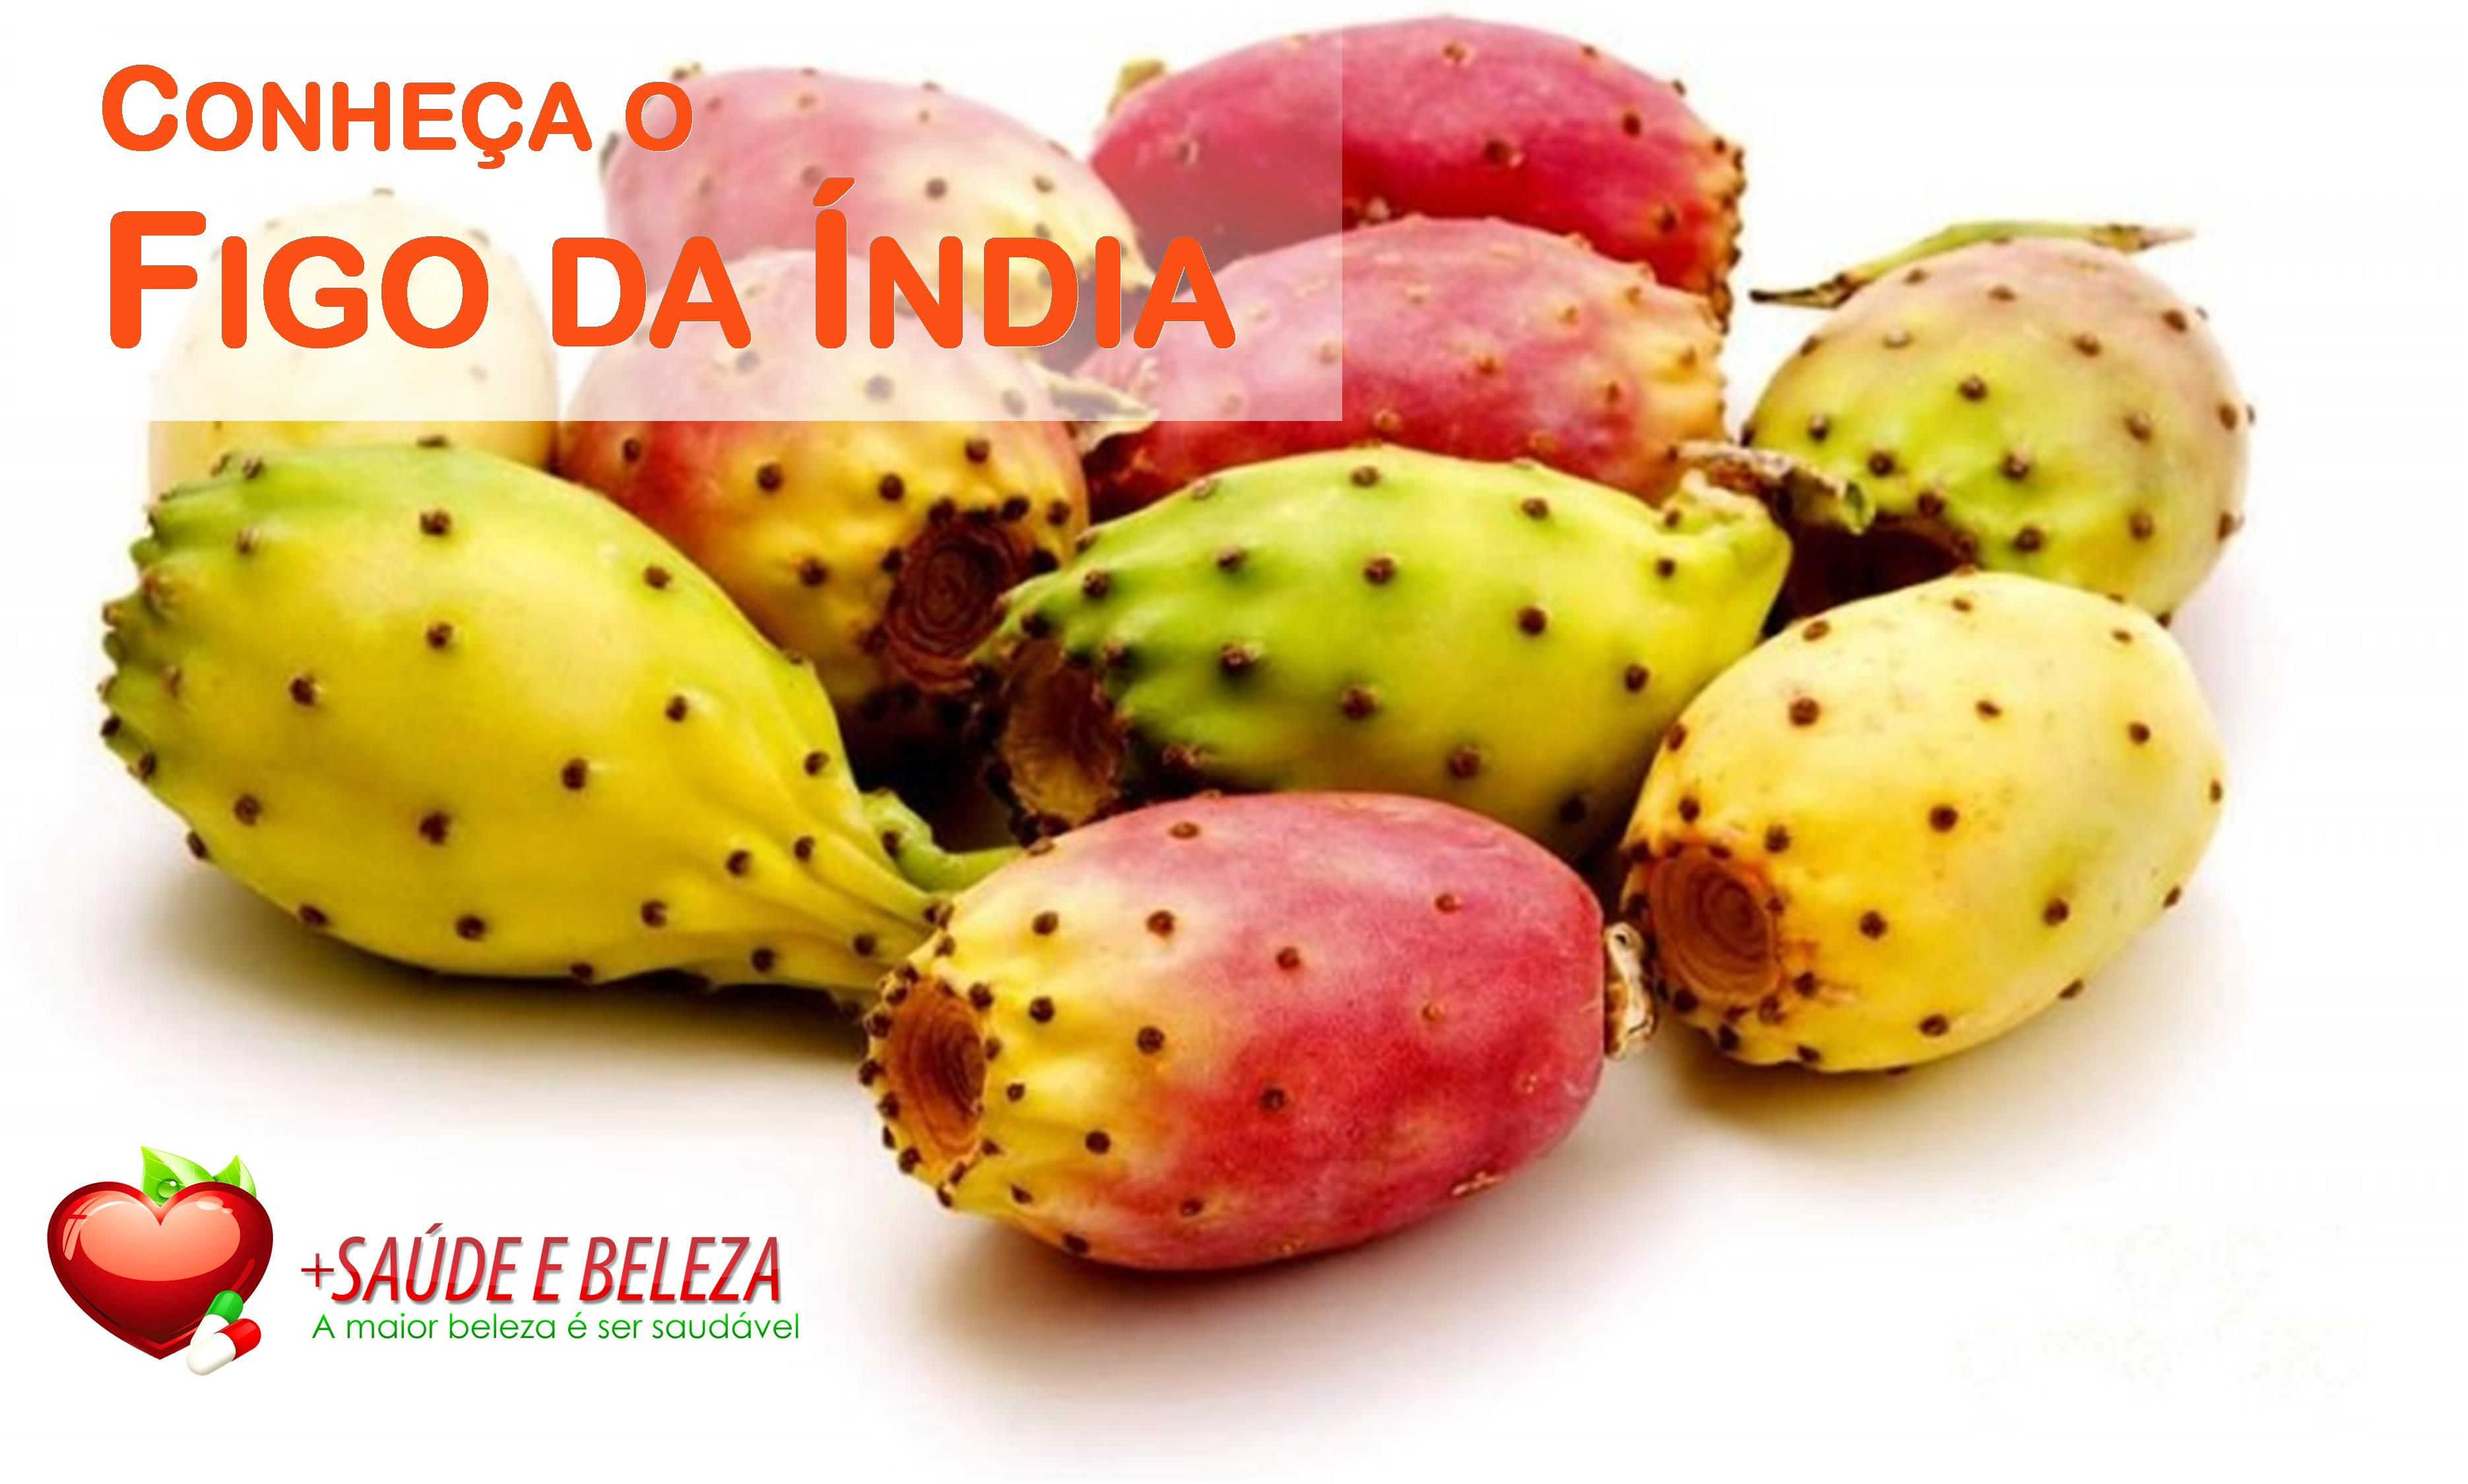 Como planta medicinal, o Figo da Índia é indicado para tratar casos de afecção das vias respiratórias, asma, circulação, coqueluche, diarreia, disenteria, dor reumática, febre gástrica biliosa, tosse, fígado, angina, úlcera, diabetes, tumor benigno da próstata e vermes. Leia mais no blog: http://www.maissaudeebelezablog.com.br/2016/11/figo-da-india-beneficios-e-propriedades.html